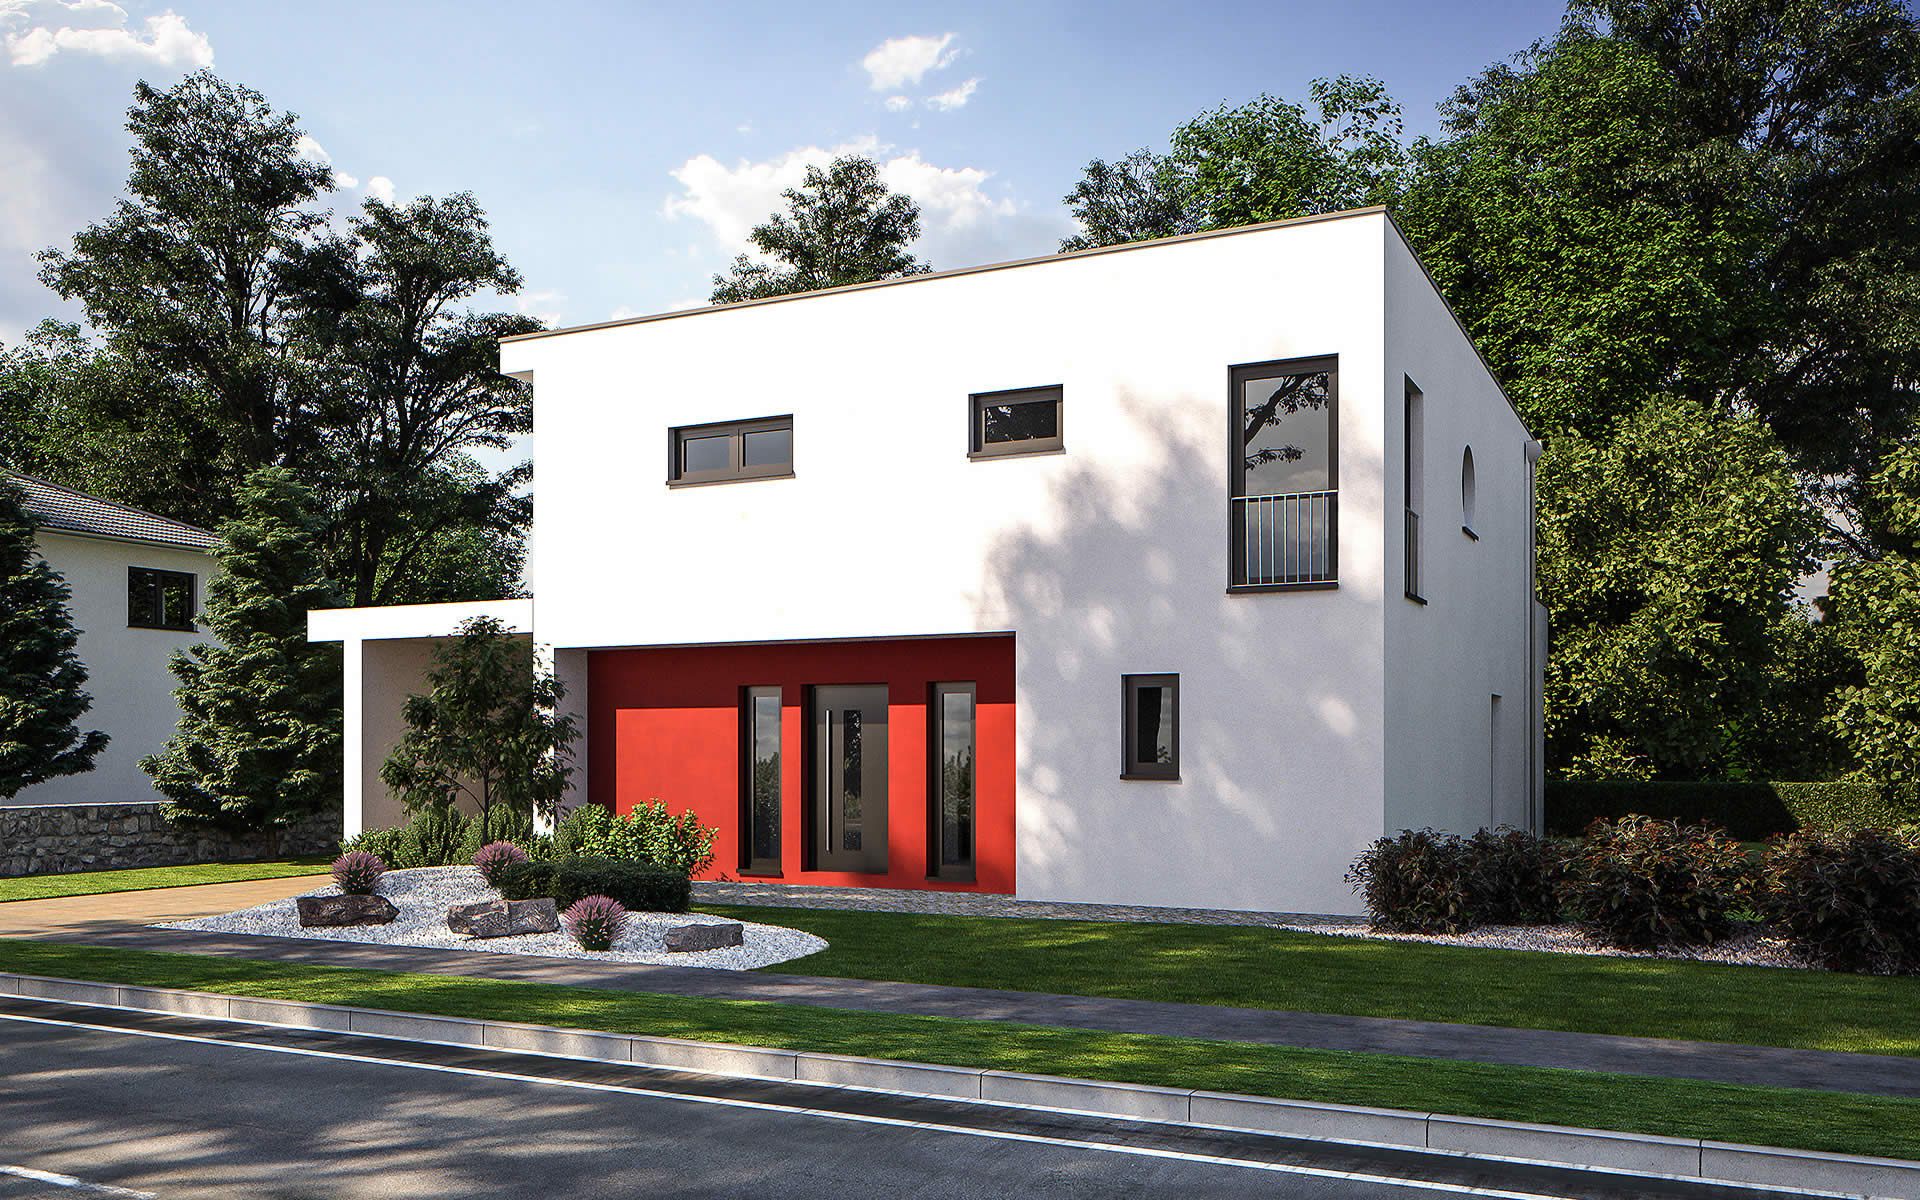 Fine Arts 239 von Bärenhaus - das fertige Haus GmbH